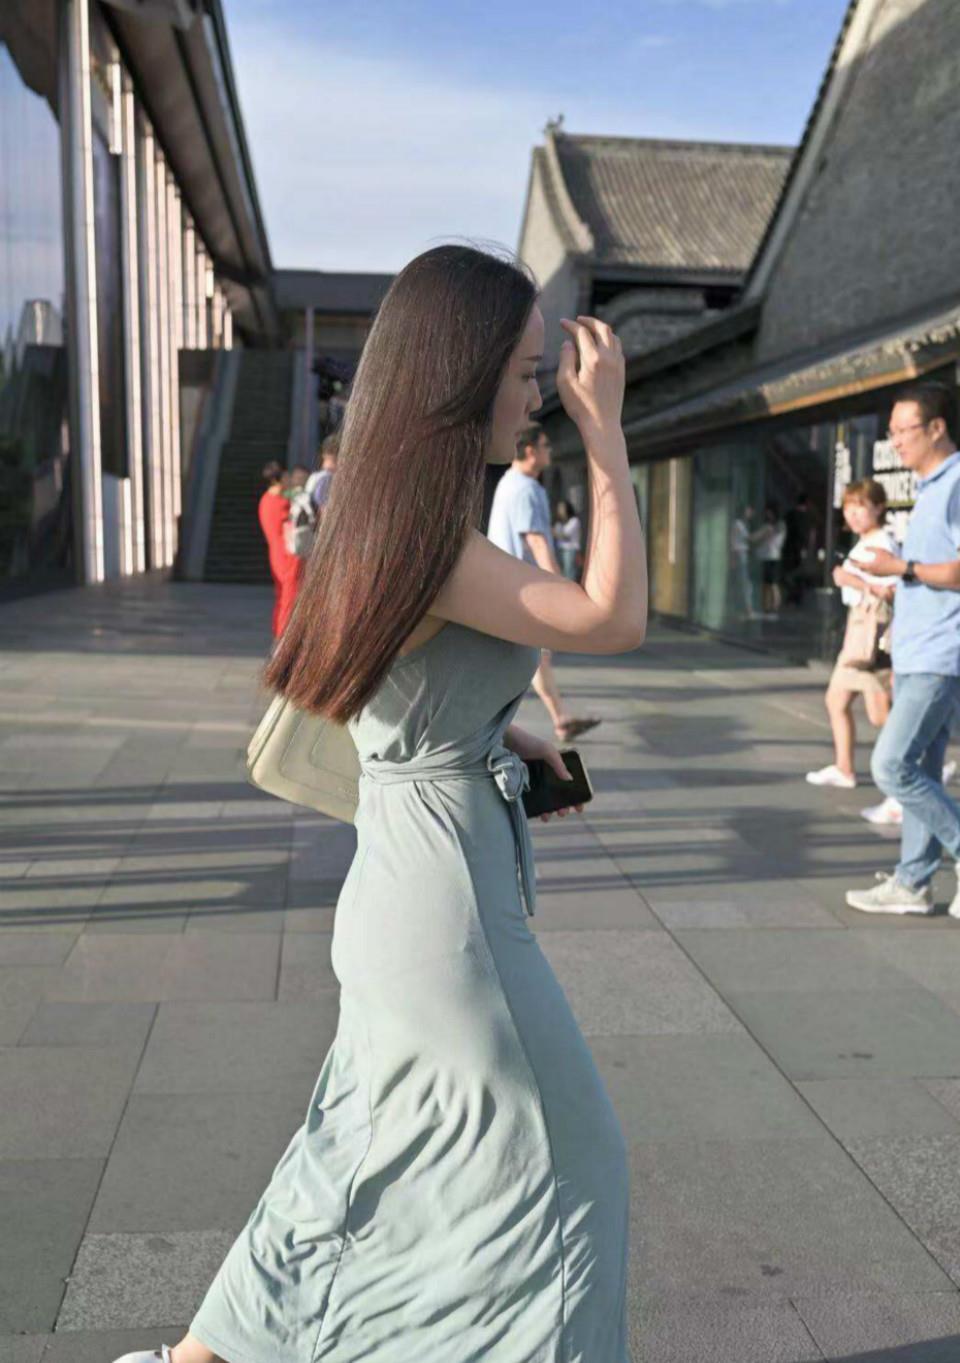 風格百變的「掛脖裙」,一改往日的穿法,展現不一樣的知性美!